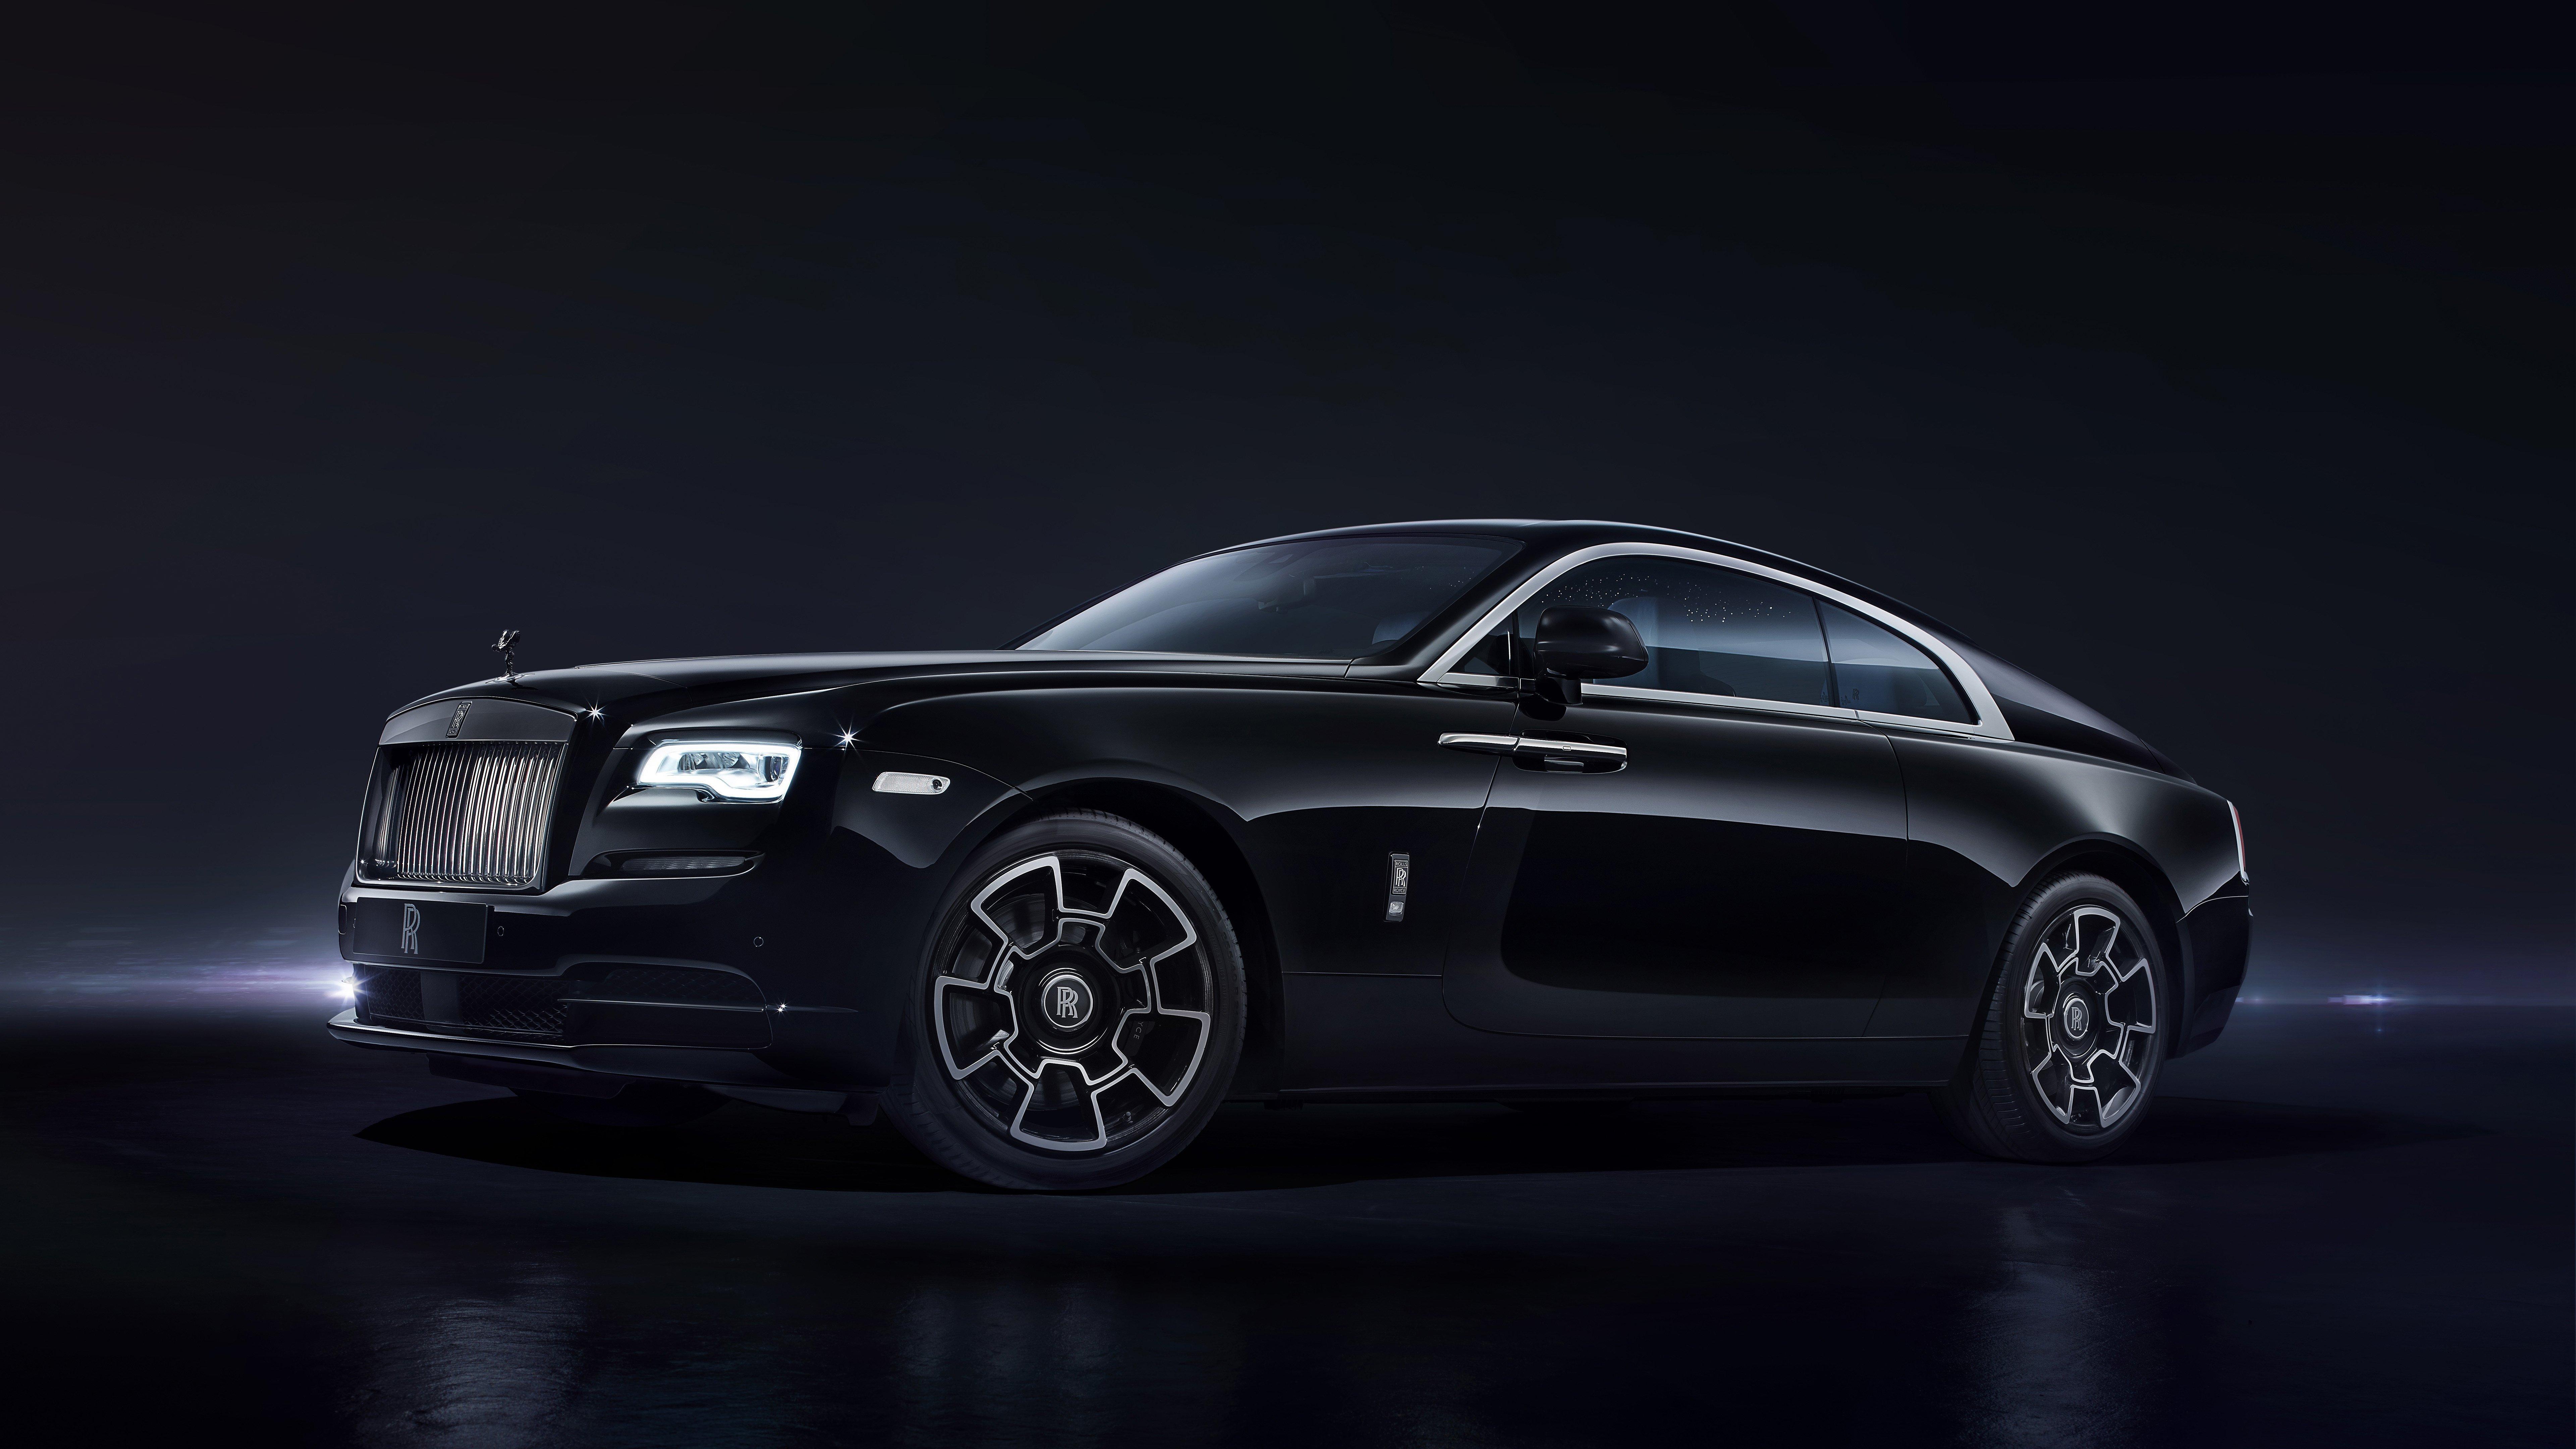 7680x4320 Rolls Royce Black 2017 8k HD 4k Wallpapers ...